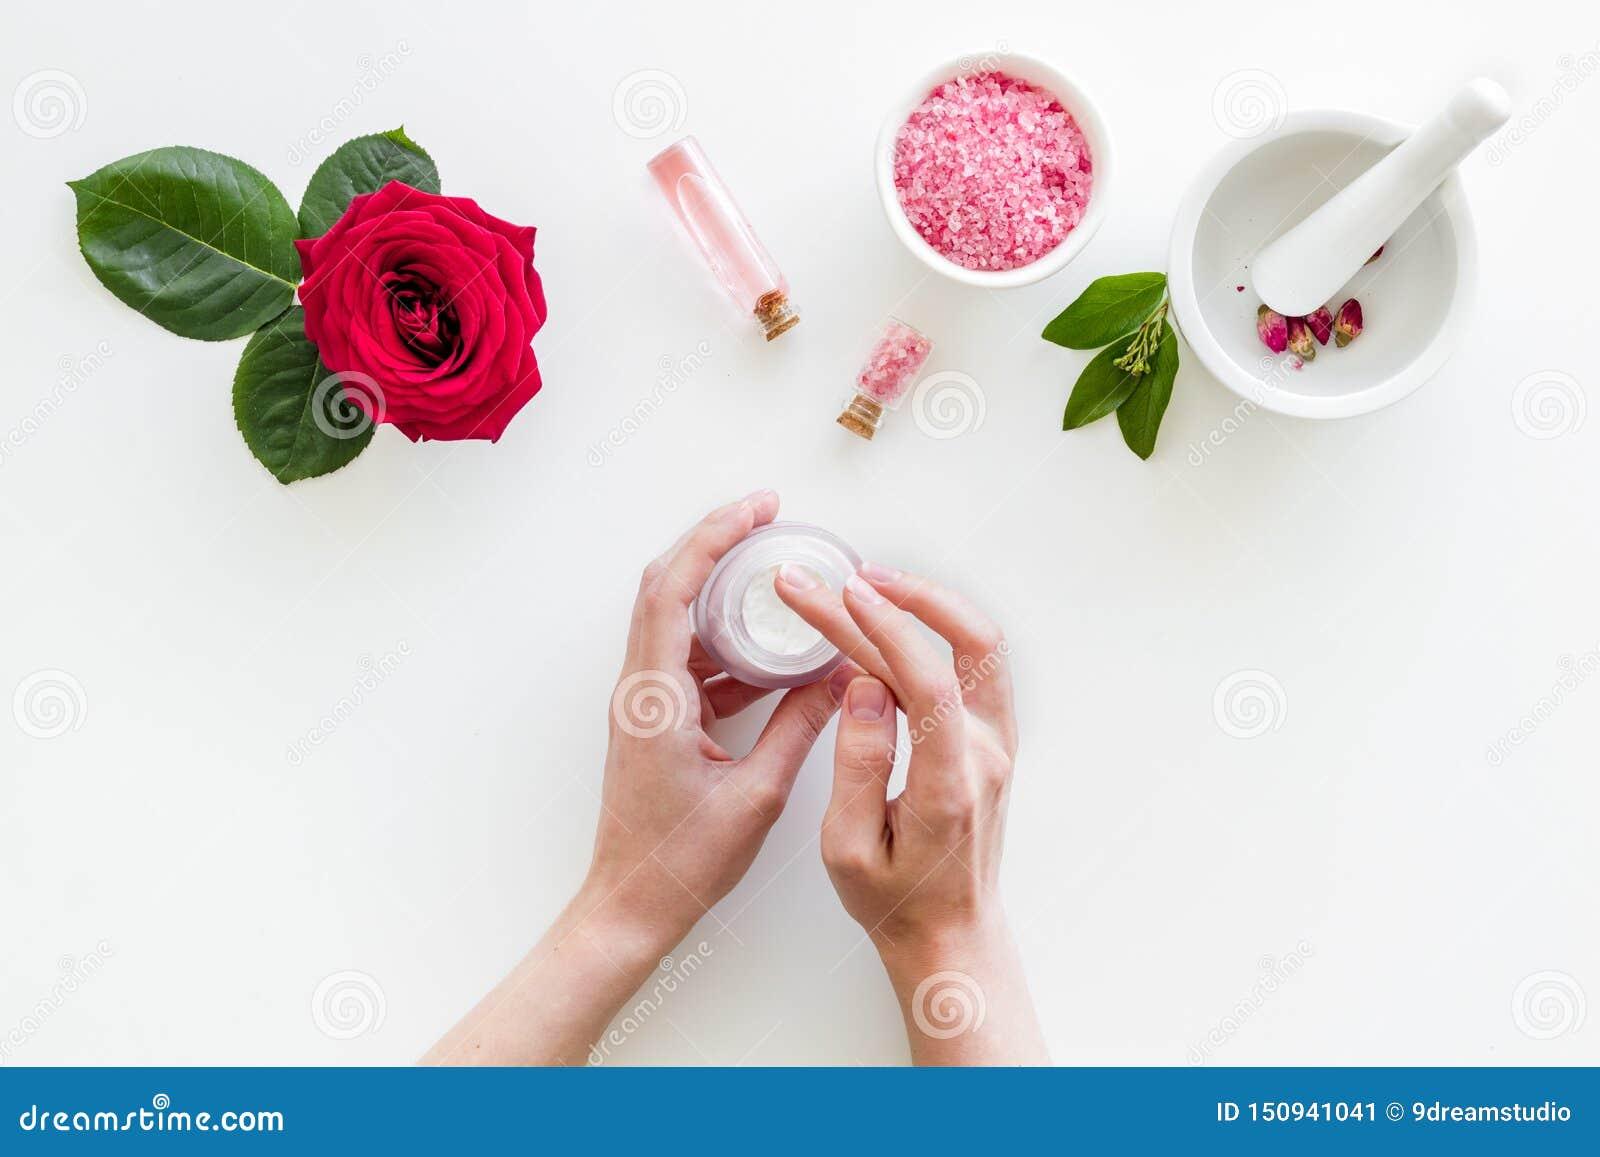 Φυσικά οργανικά καλλυντικά με το ροδαλό απόσπασμα στα χέρια στην άσπρη τοπ άποψη υποβάθρου